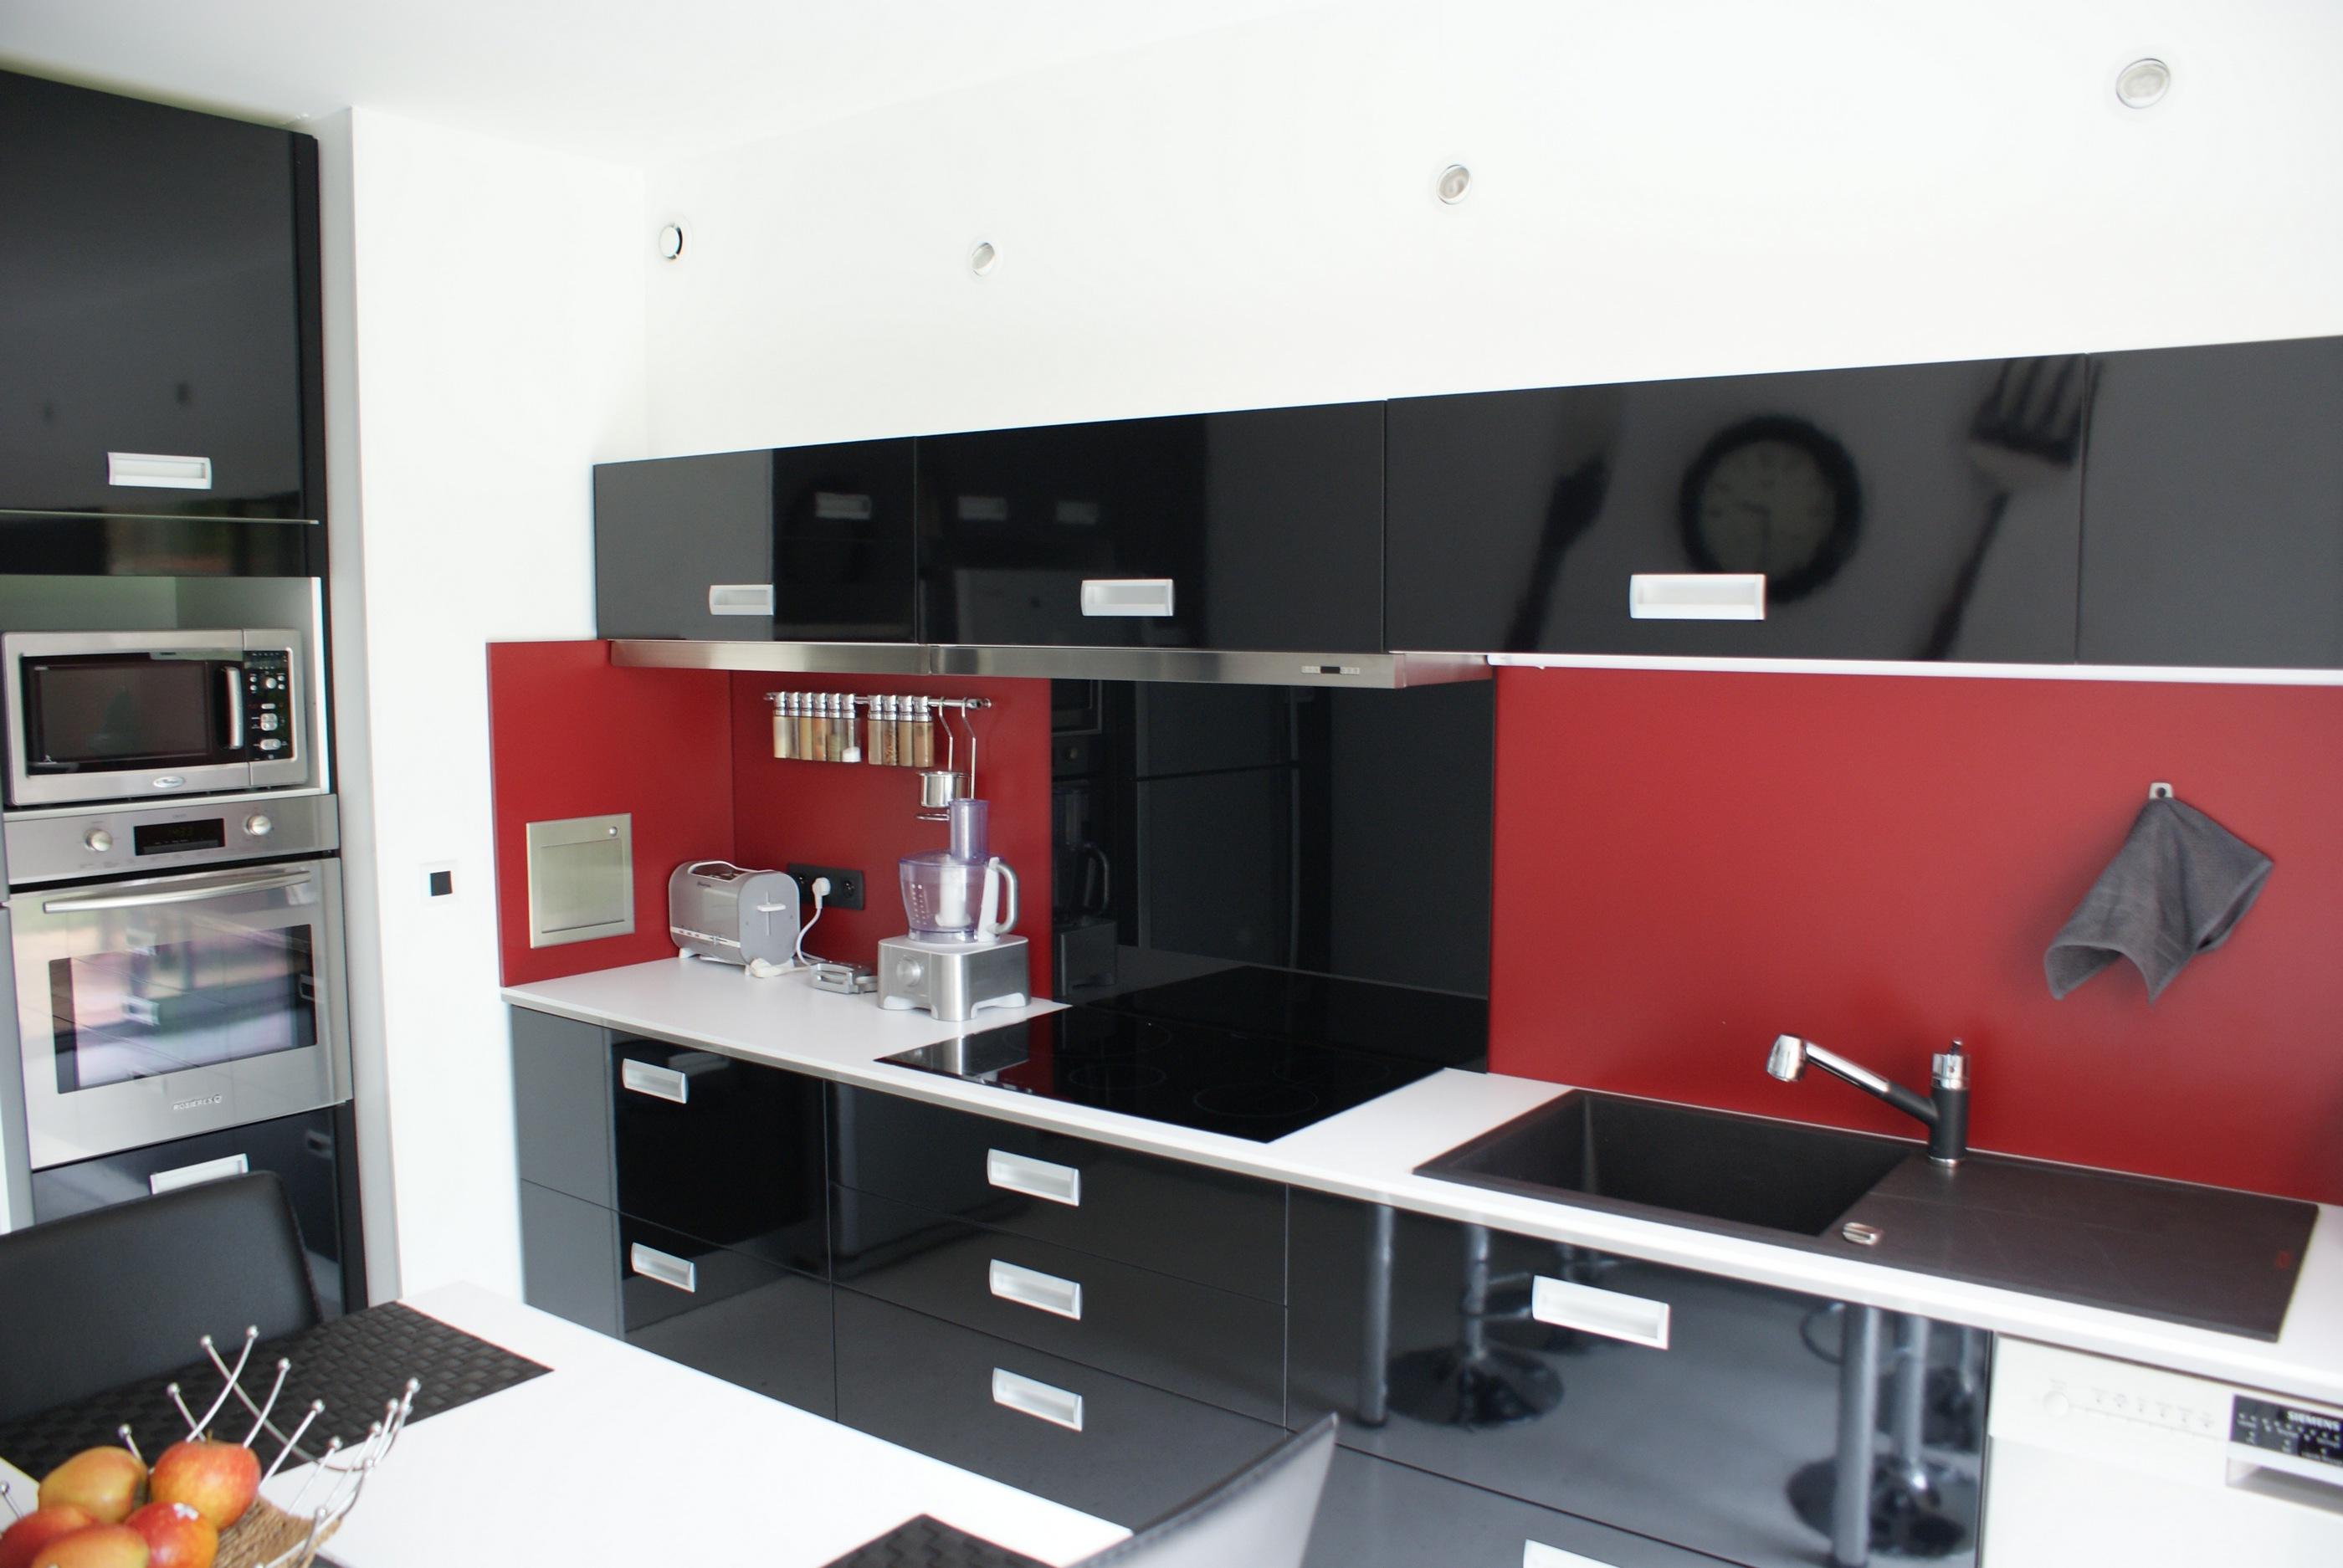 credence cuisine rouge et noire